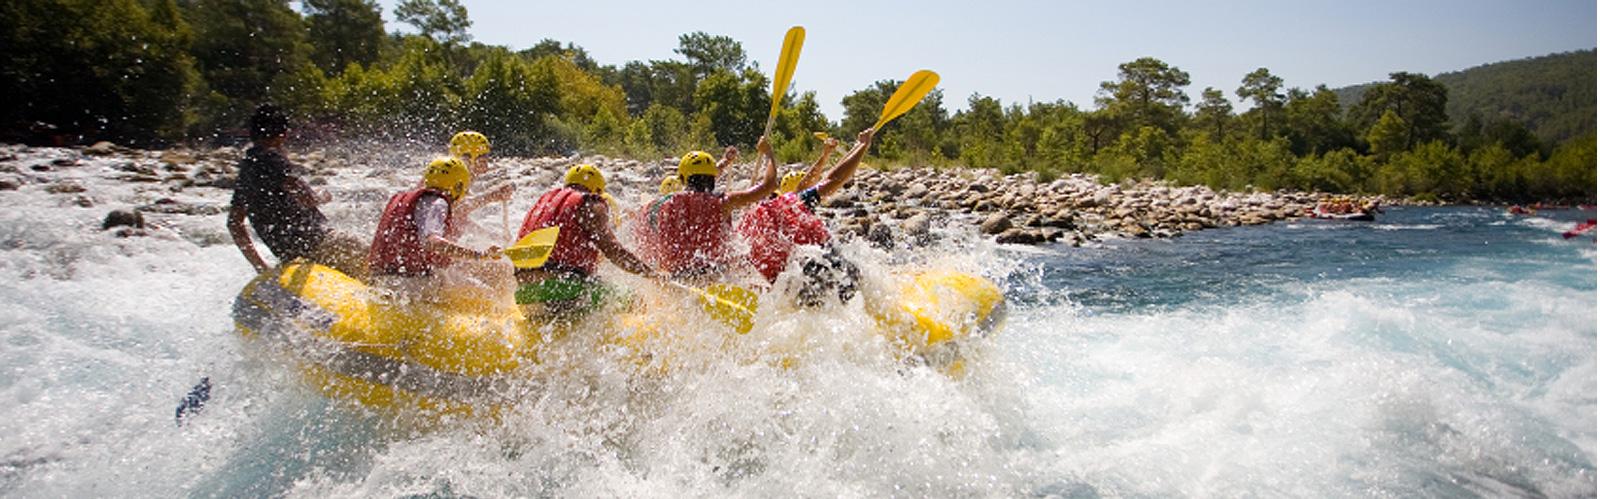 rafting-im-allgäu-slider